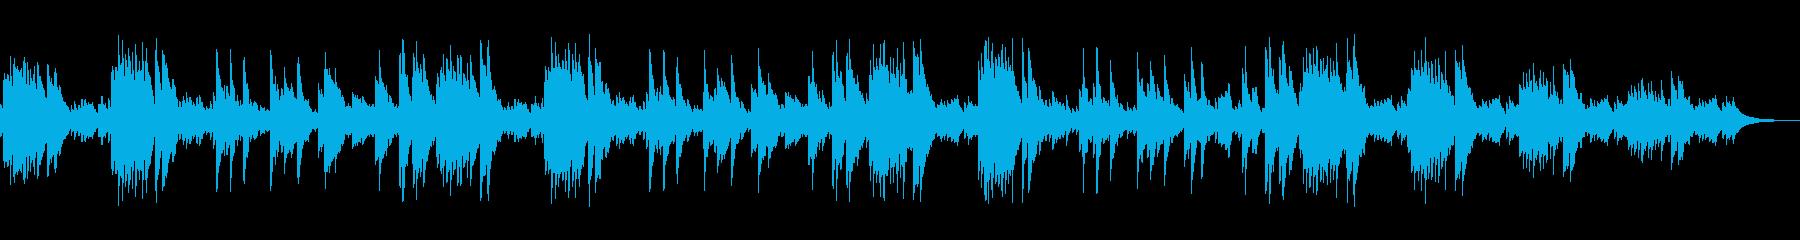 そよ風のように優しいピアノのヒーリング曲の再生済みの波形